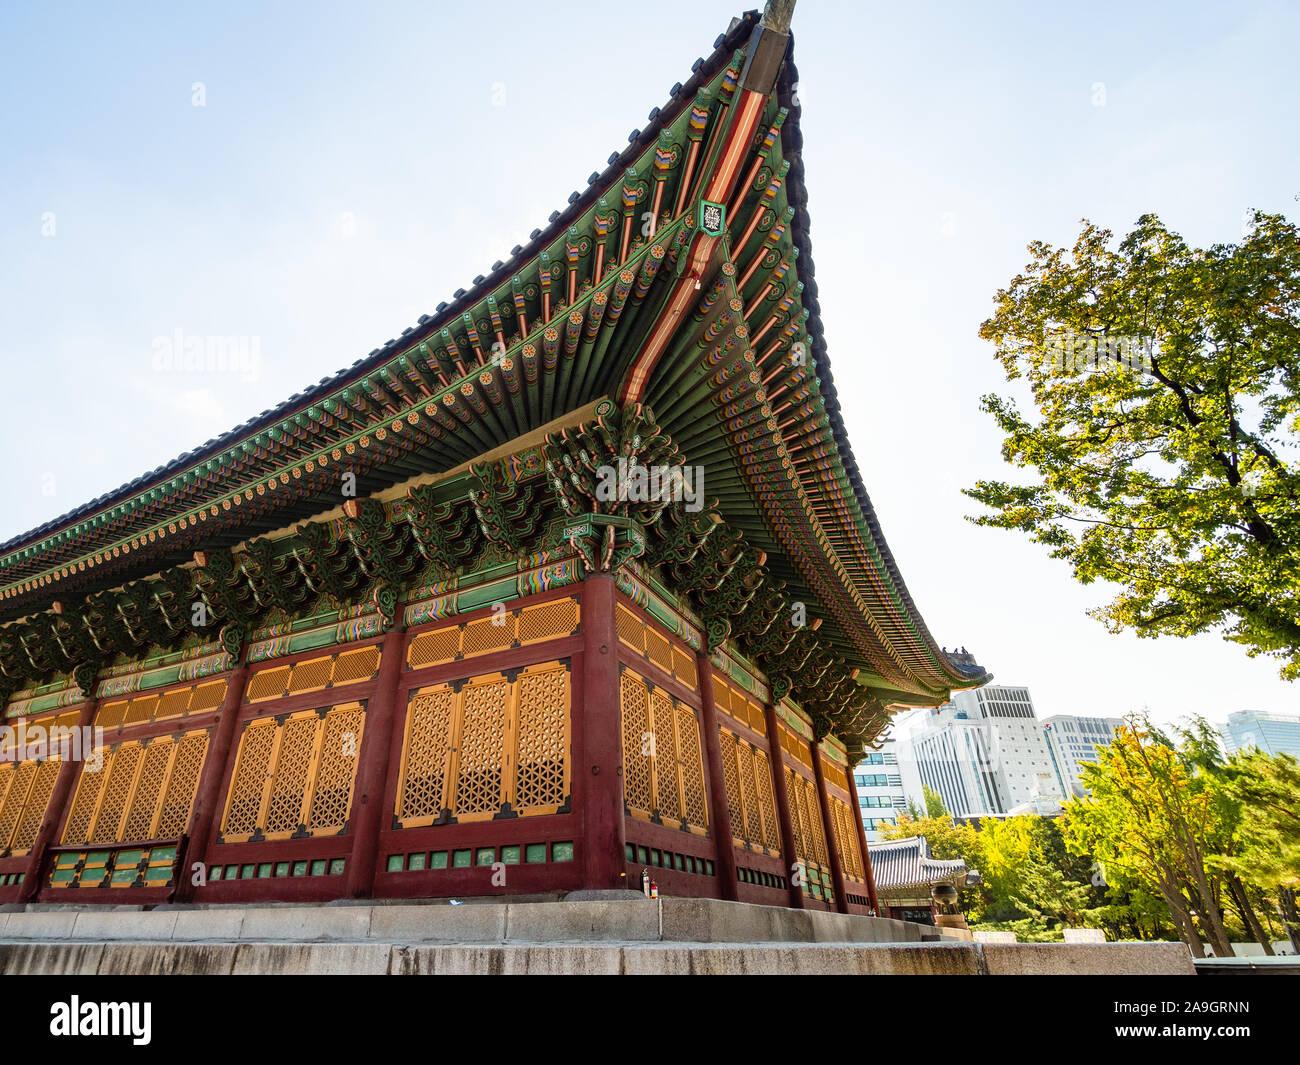 Seúl, Corea del Sur - 30 de octubre de 2019: en la esquina del edificio en Deoksugung (Deoksu Palace) en Seúl. Este complejo es uno de los cinco grandes palacios construidos Foto de stock